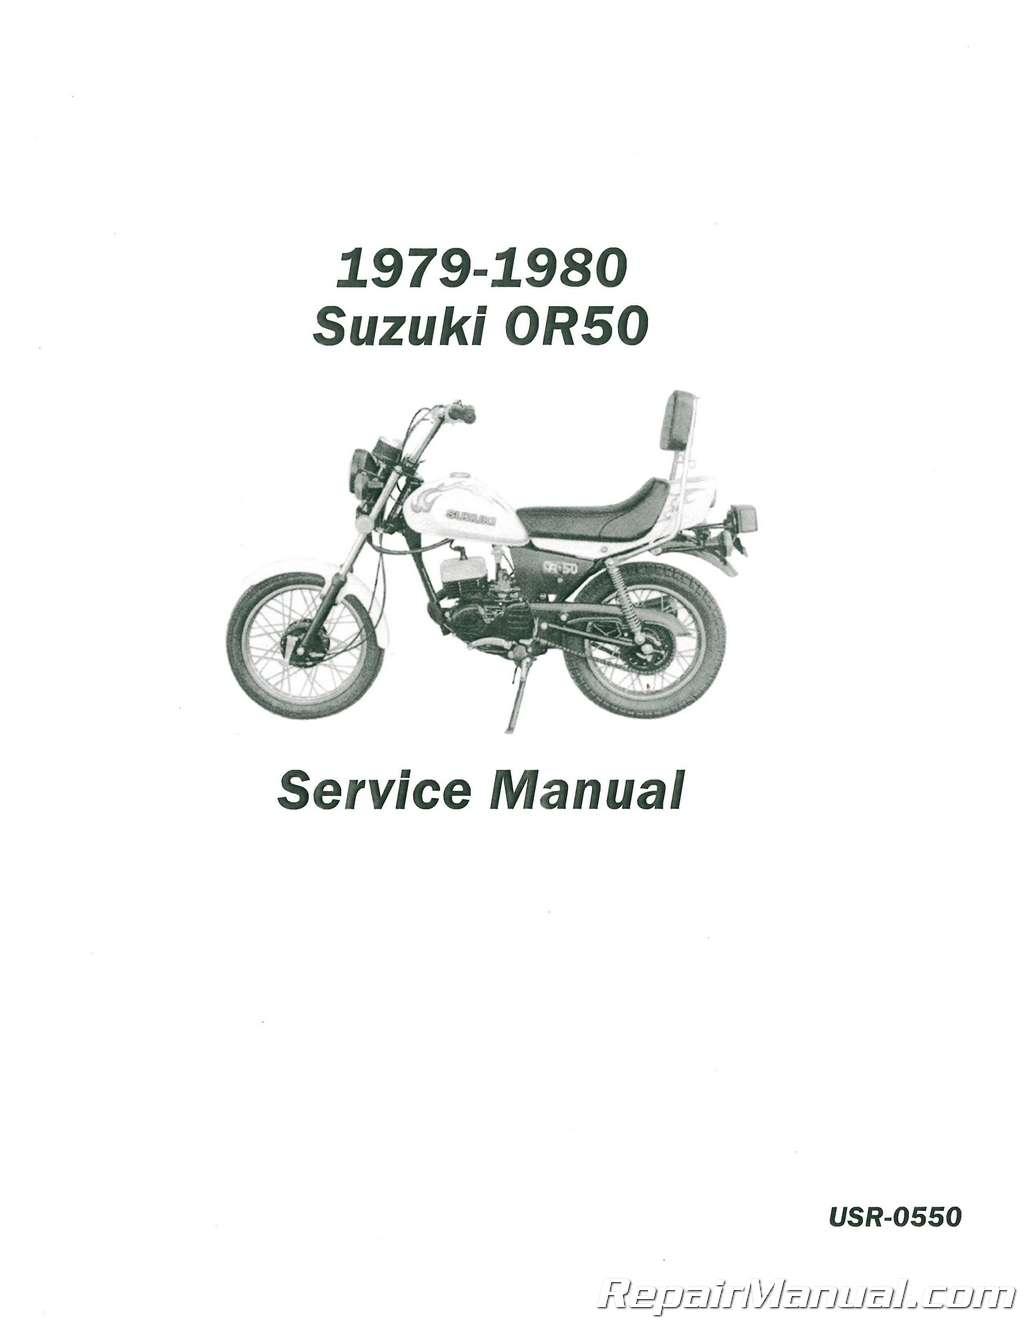 suzuki or50 wiring diagram simple wiring diagram site rh 14 15 2 ohnevergnuegen de Suzuki Rebel Suzuki VL800 Review